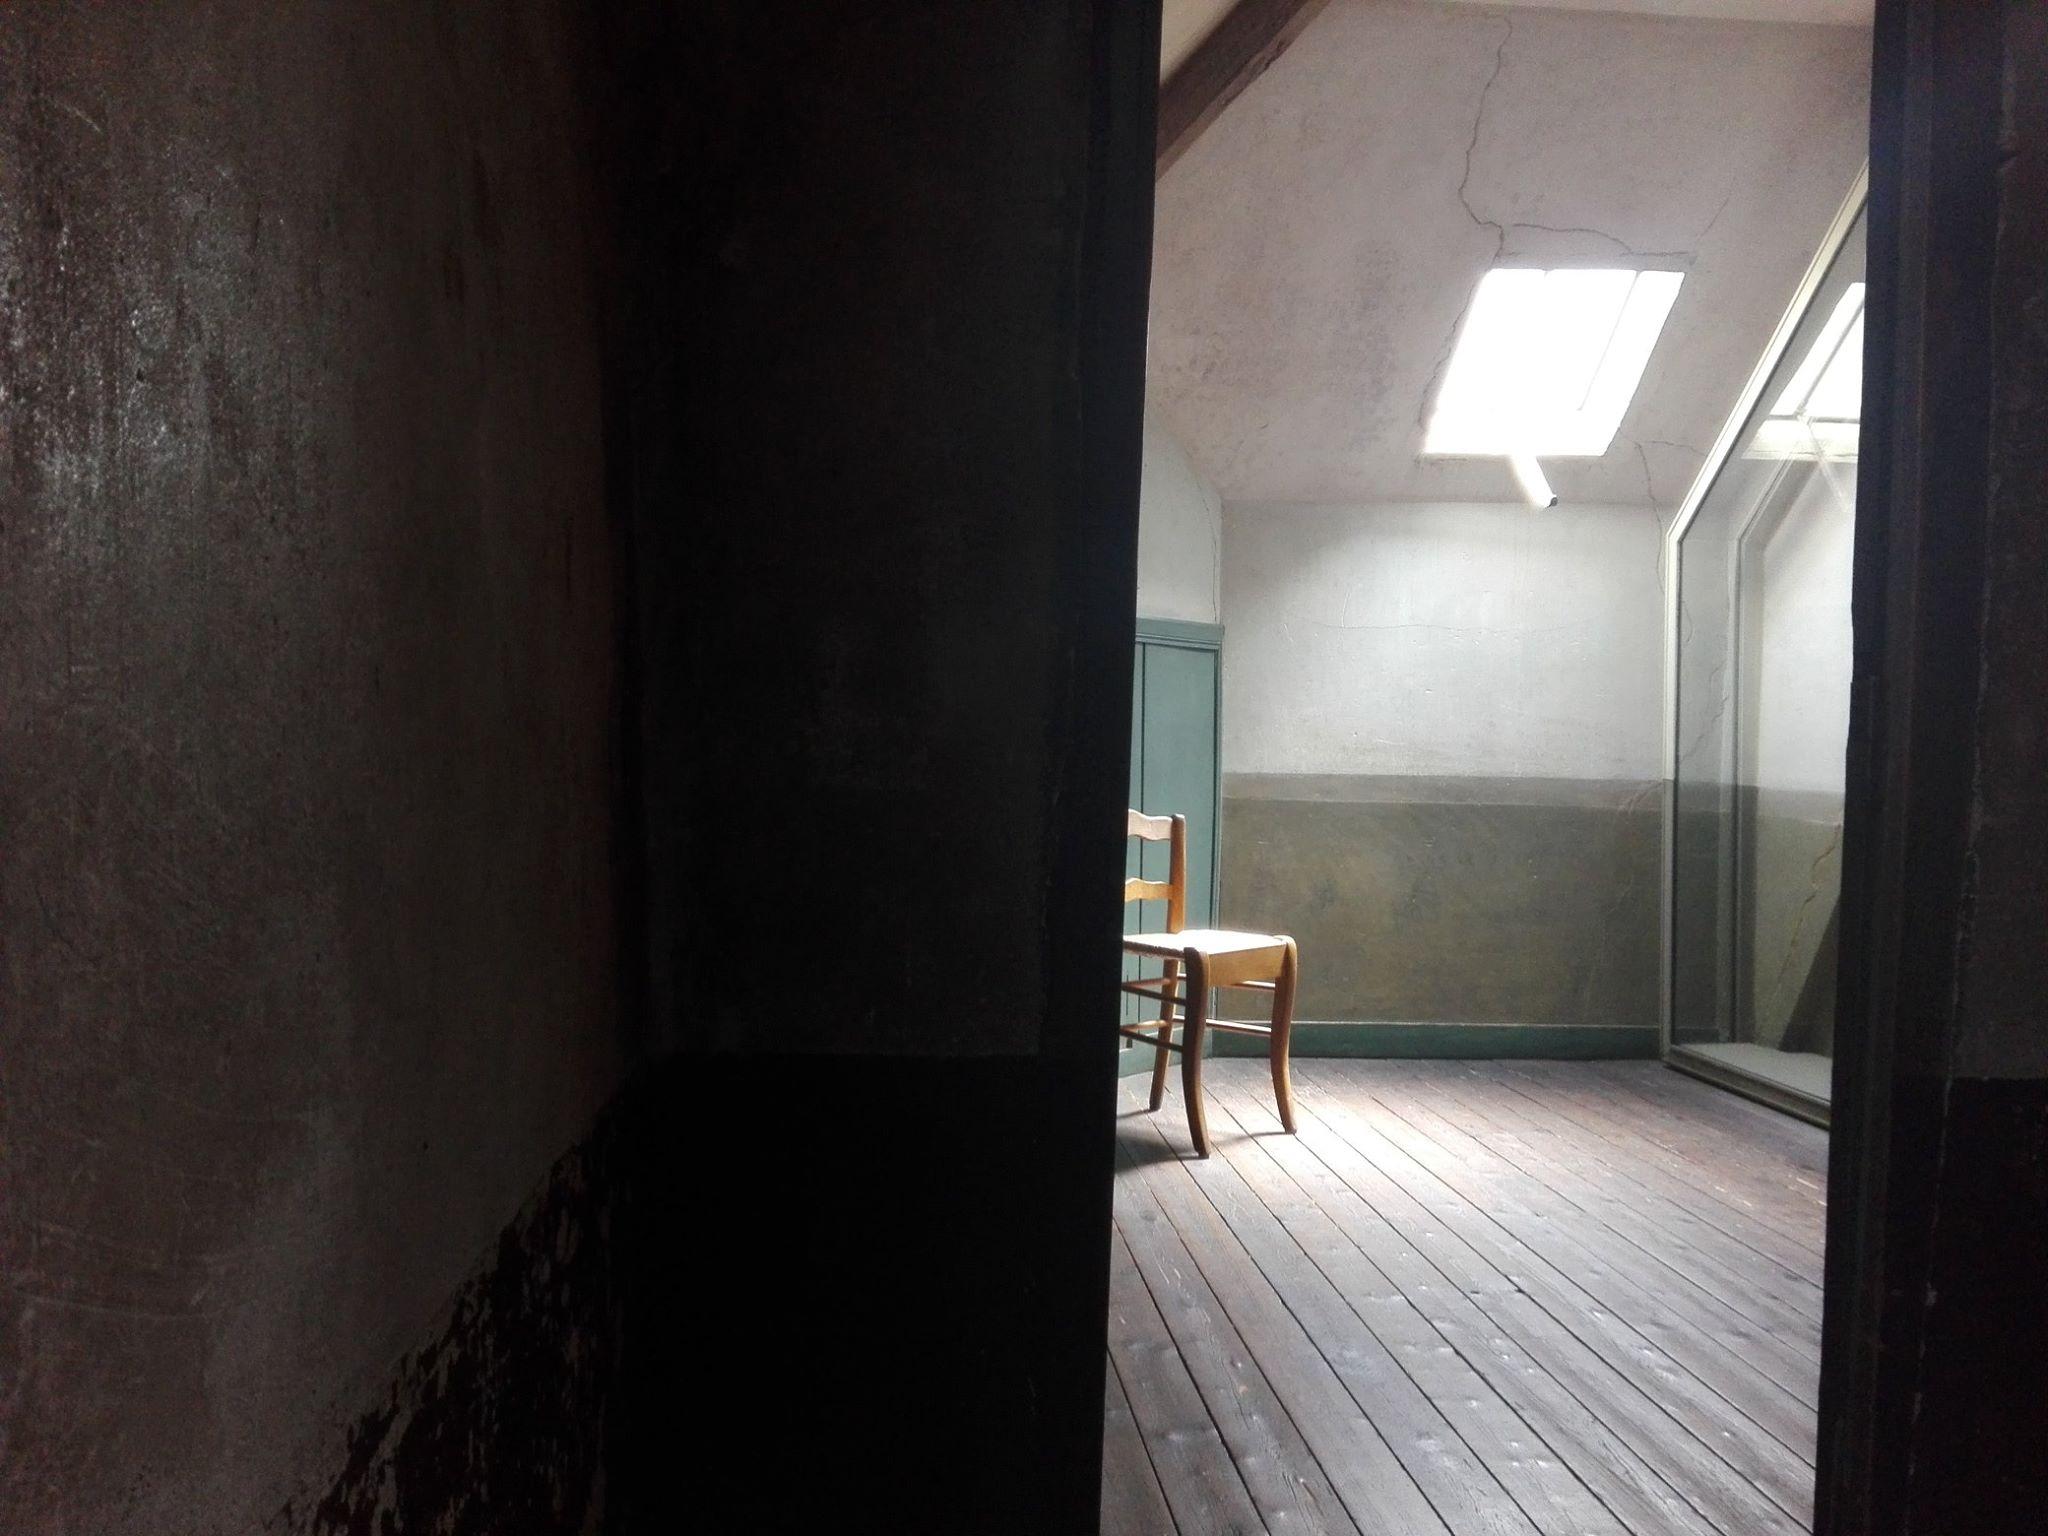 Maison de Van Gogh, Auvers-sur-Oise - Chambre